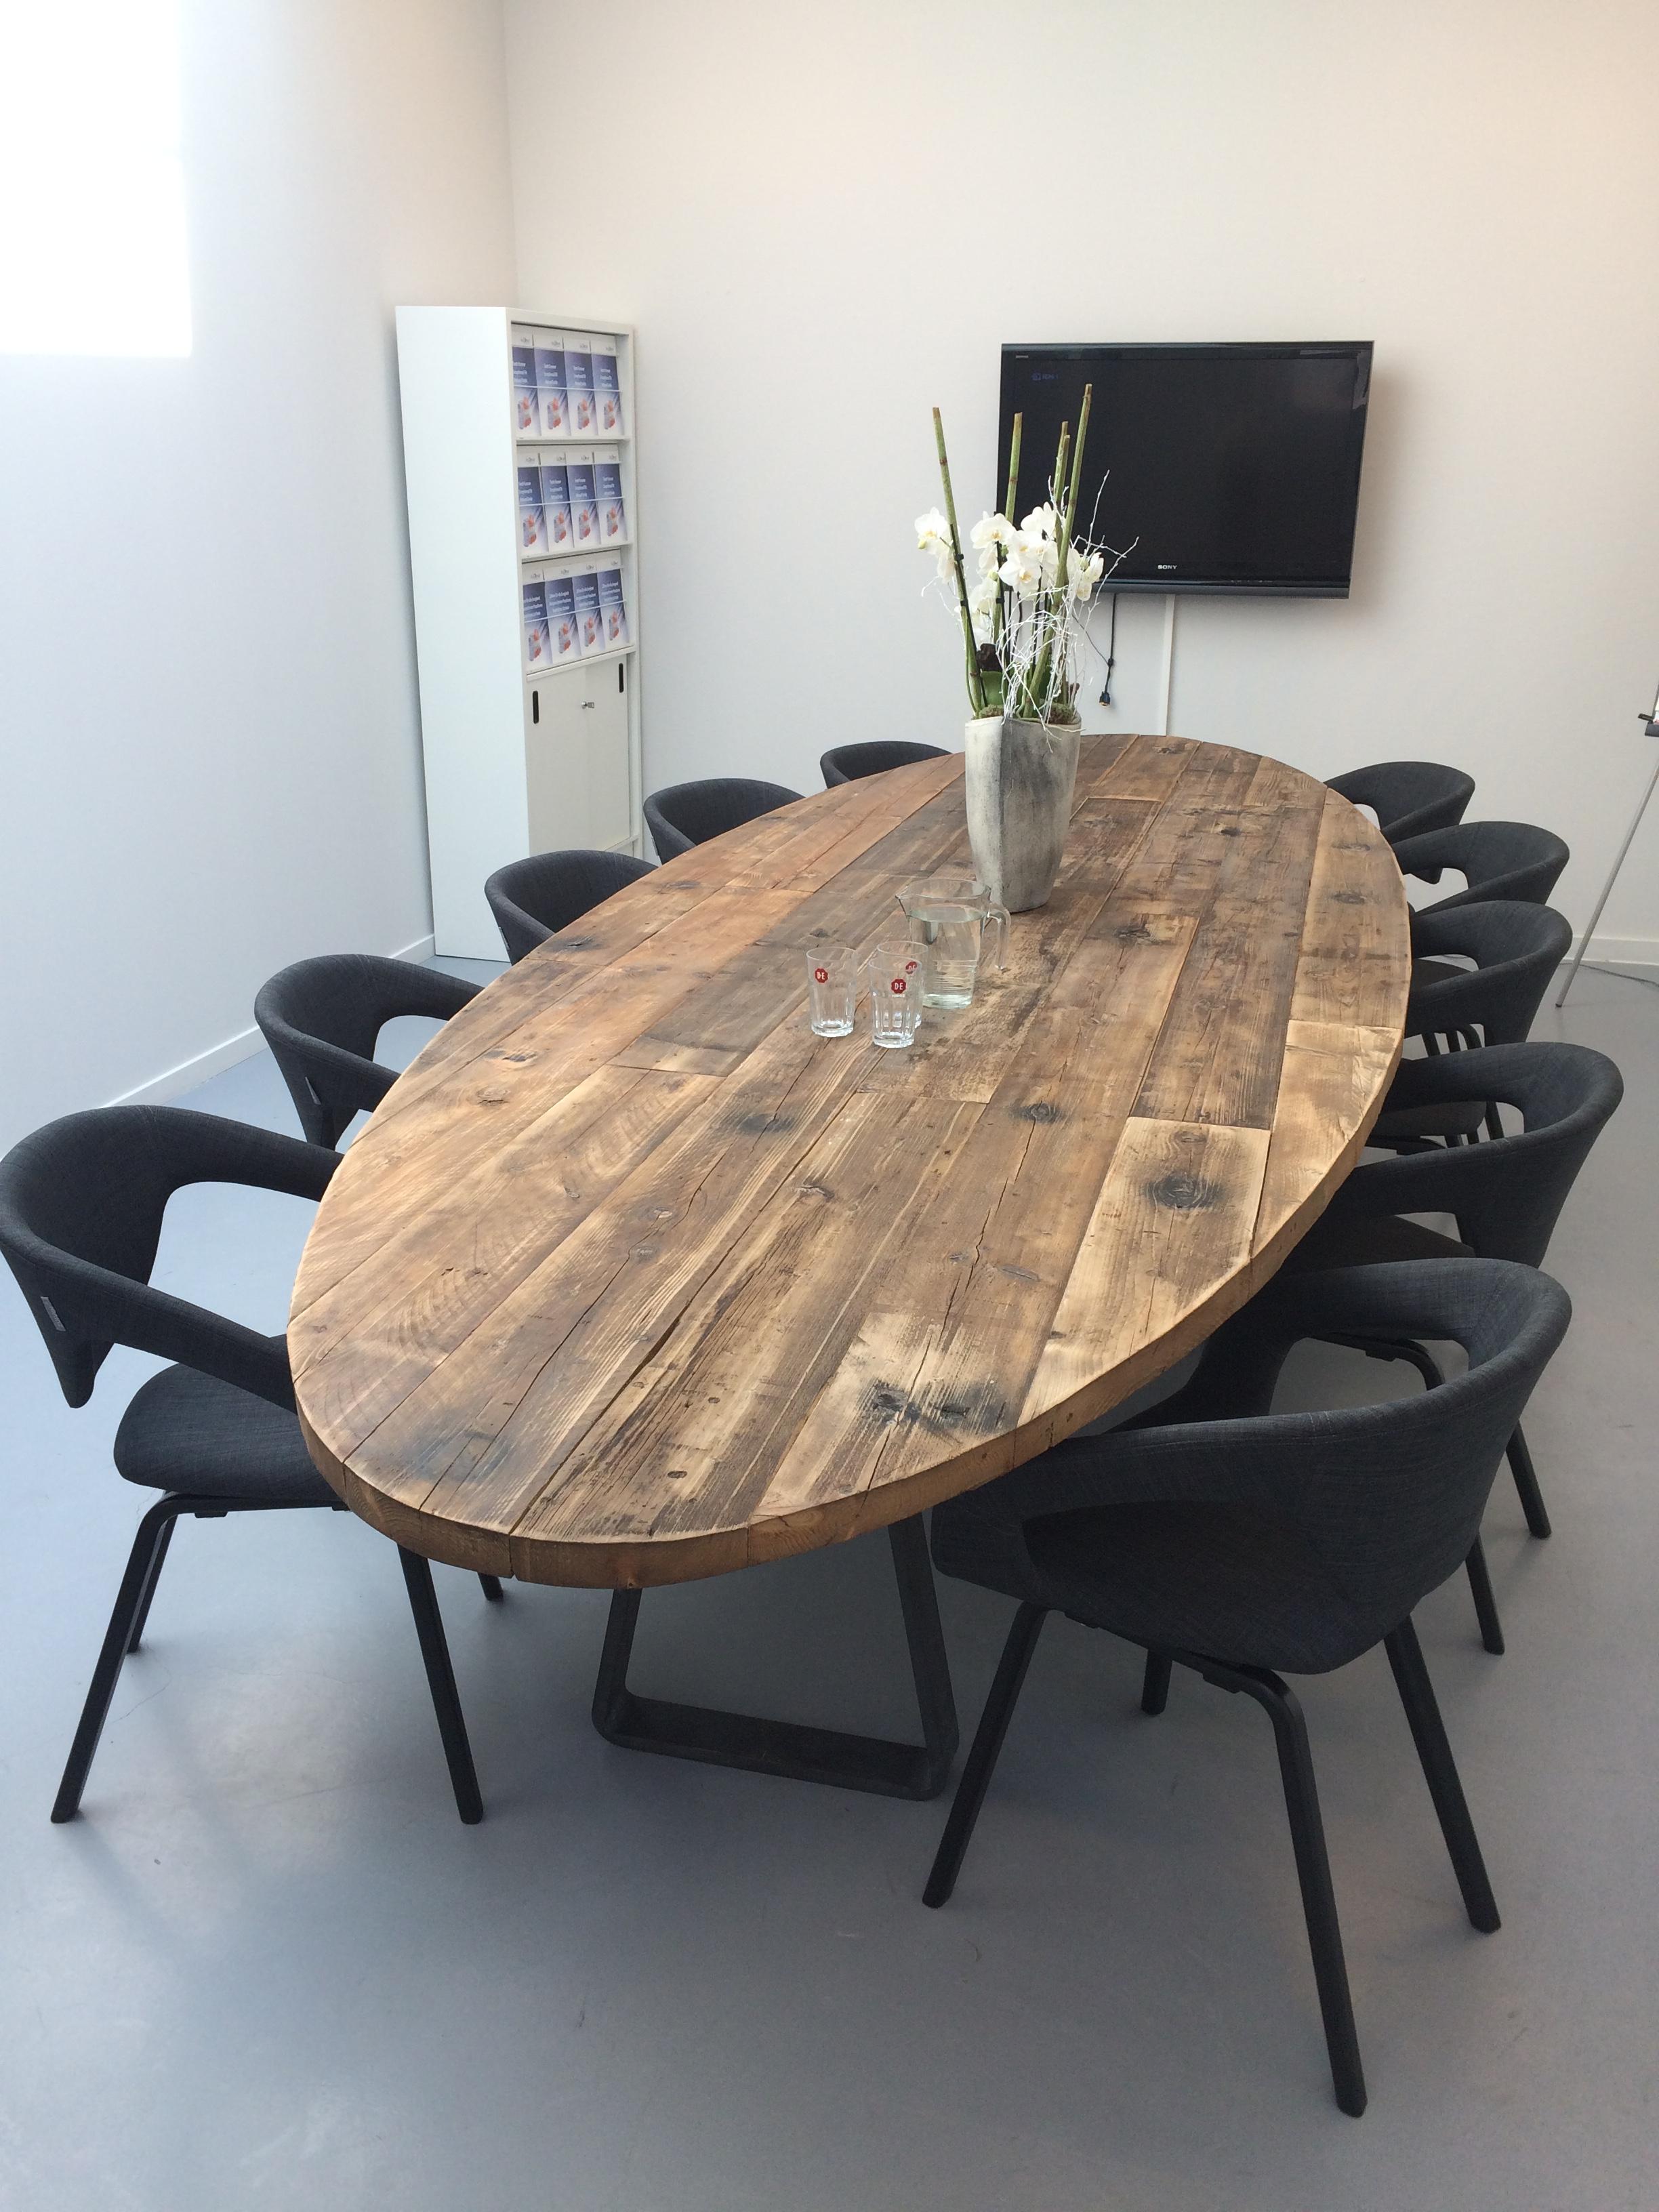 ovale tafel op maat gemaakt woodindustries maakt het unieke ovale tafel op maat gemaakt door. Black Bedroom Furniture Sets. Home Design Ideas